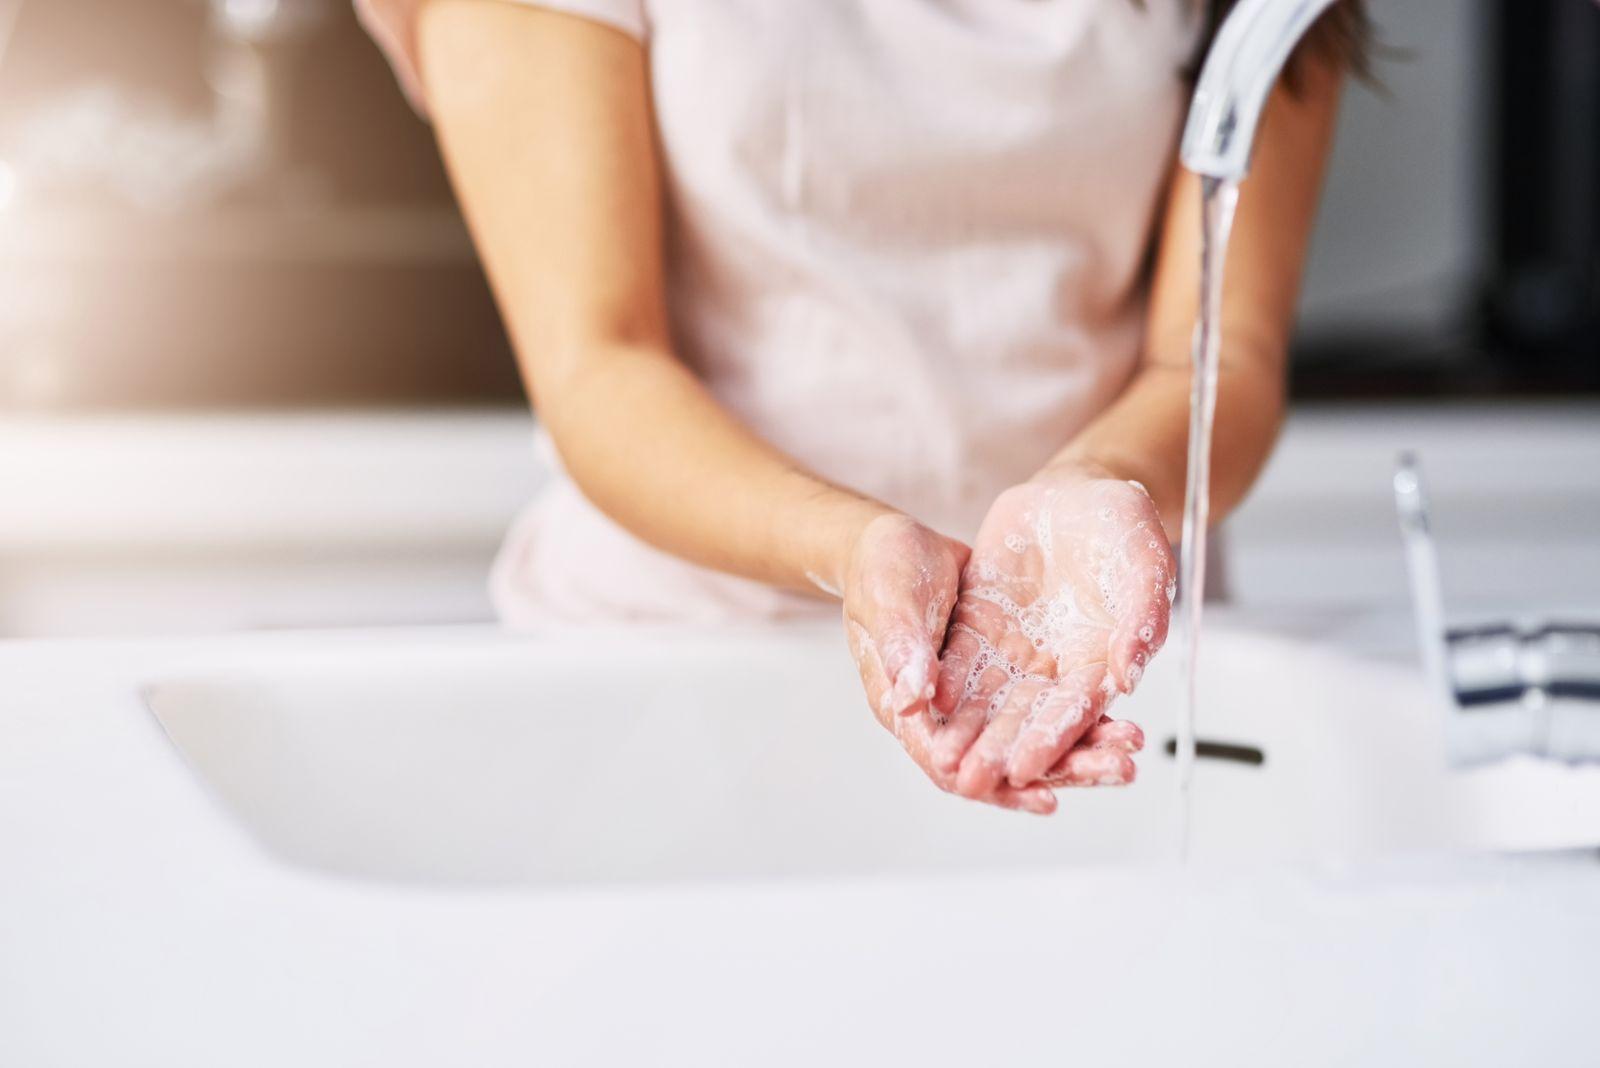 se laver les mains mesures à prendre COVID-19